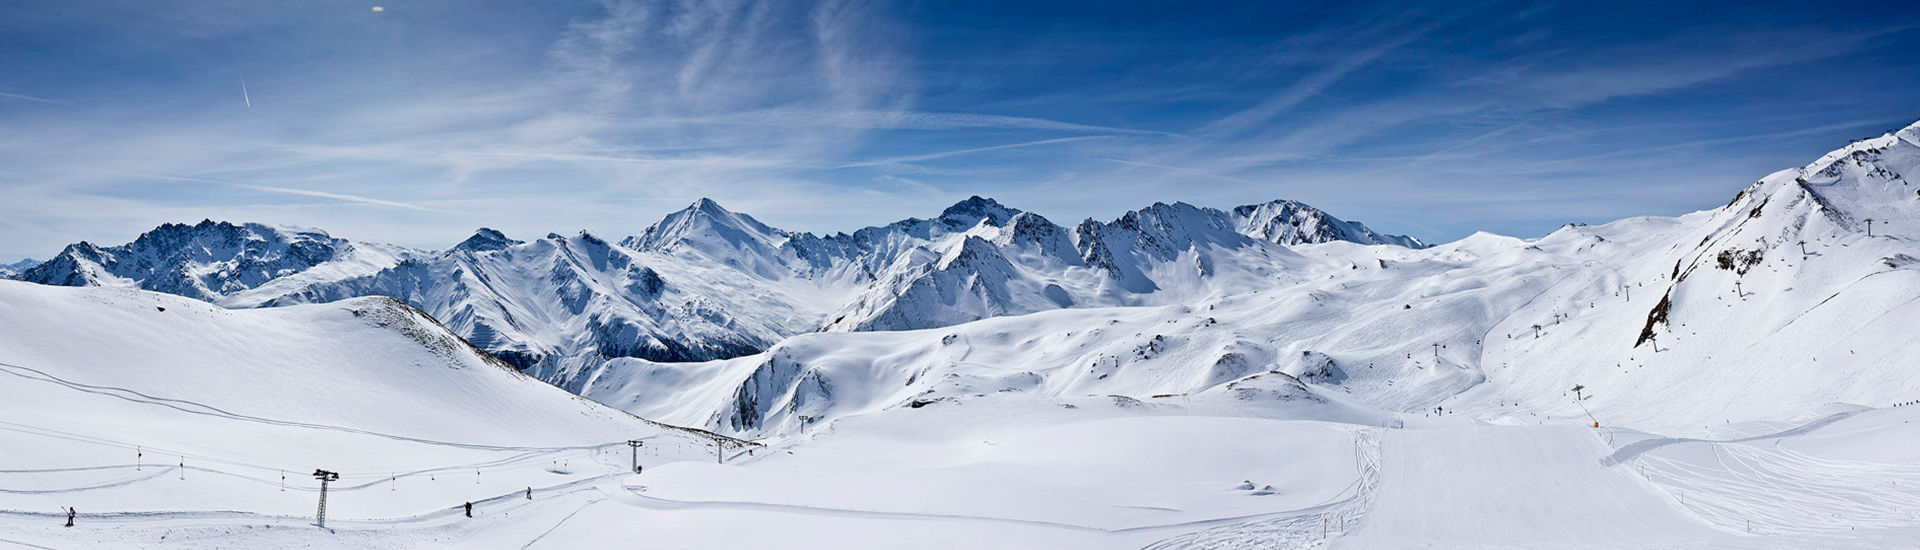 Winter Pauschalen Hotel Alpes in Samnaun ©Andrea Badrutt